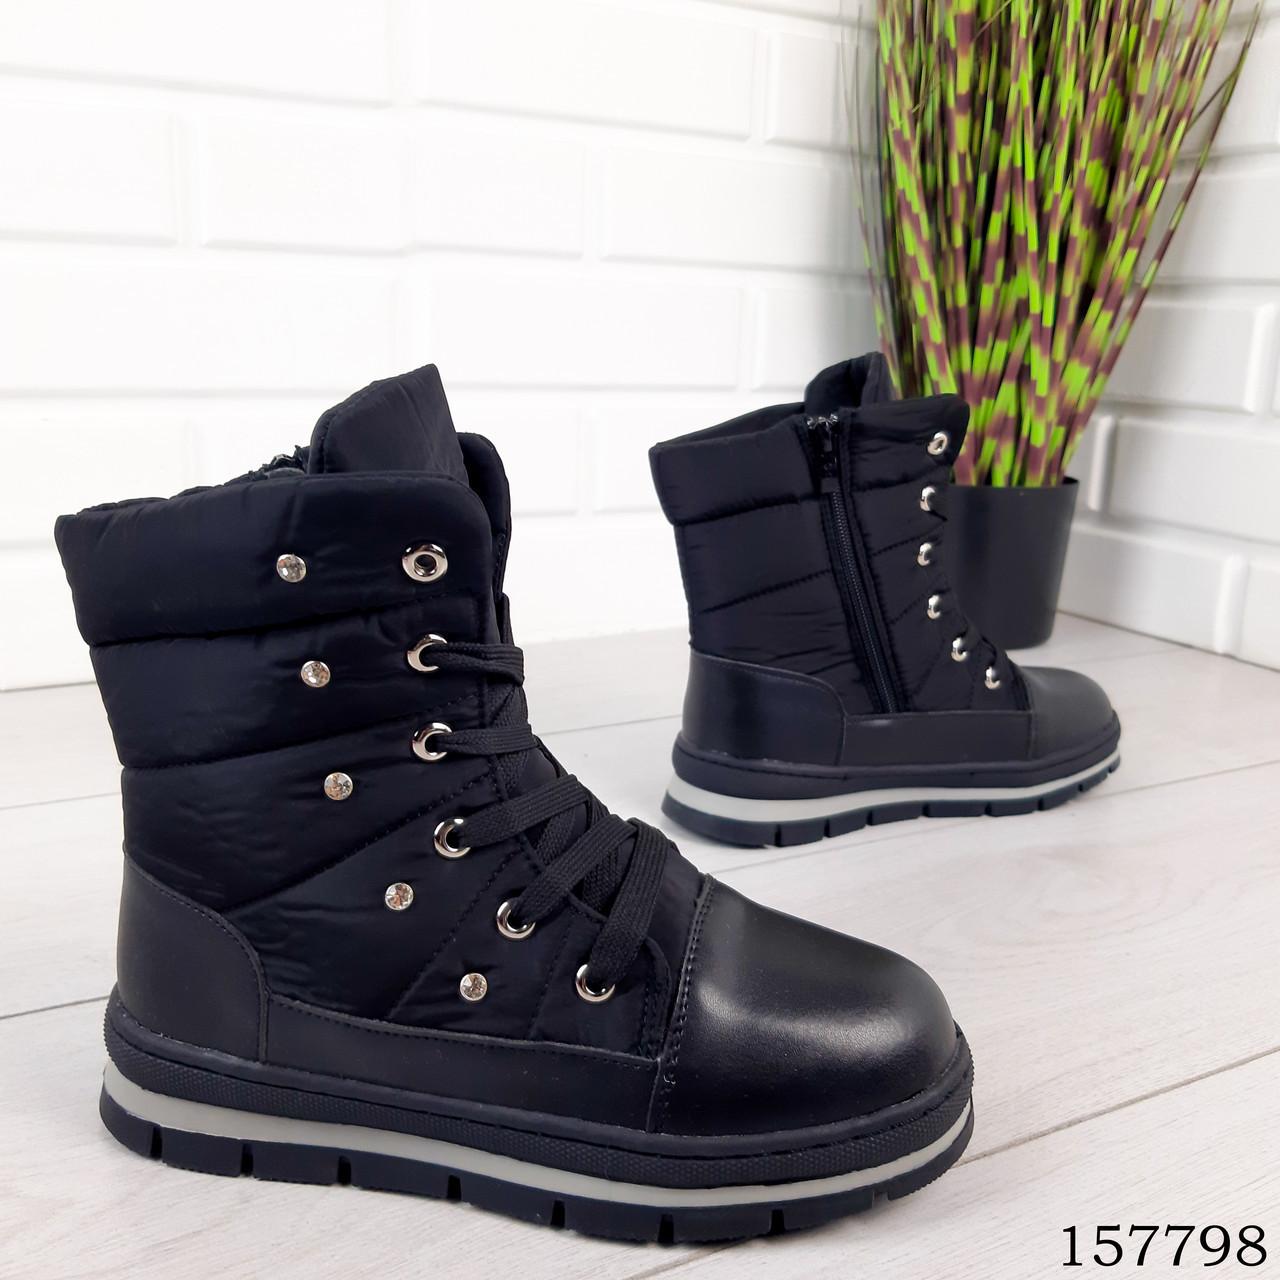 Детские сапоги зимние на шнурках черного цвета из эко кожи и плащевки